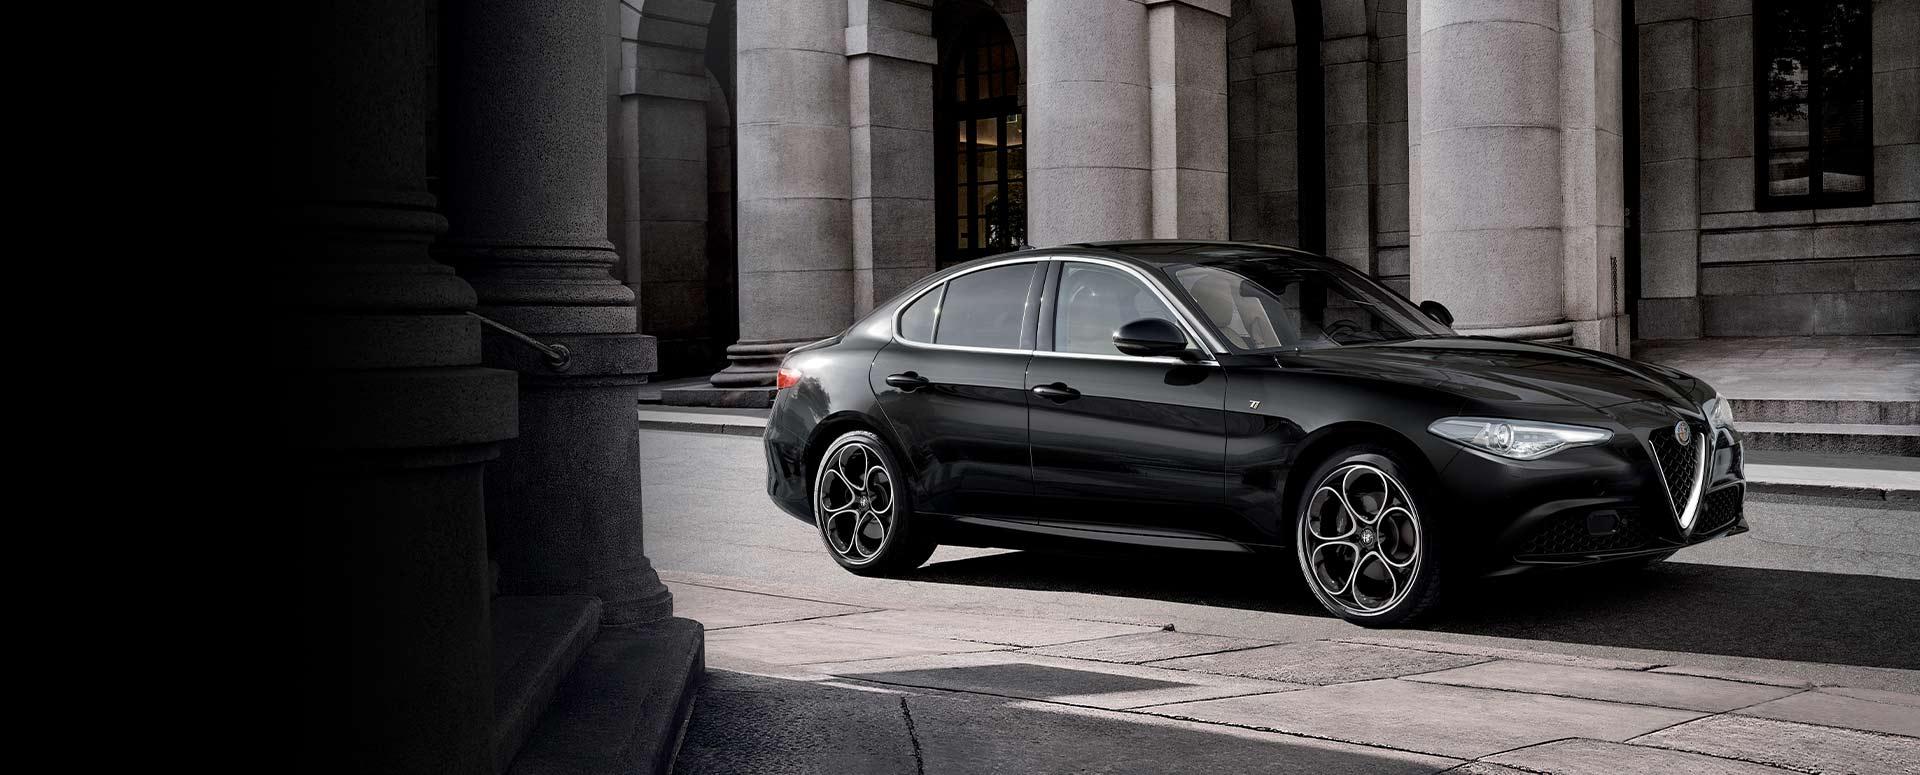 Auto sportiva Alfa Romeo Giulia vista laterale su strada colorazione nera